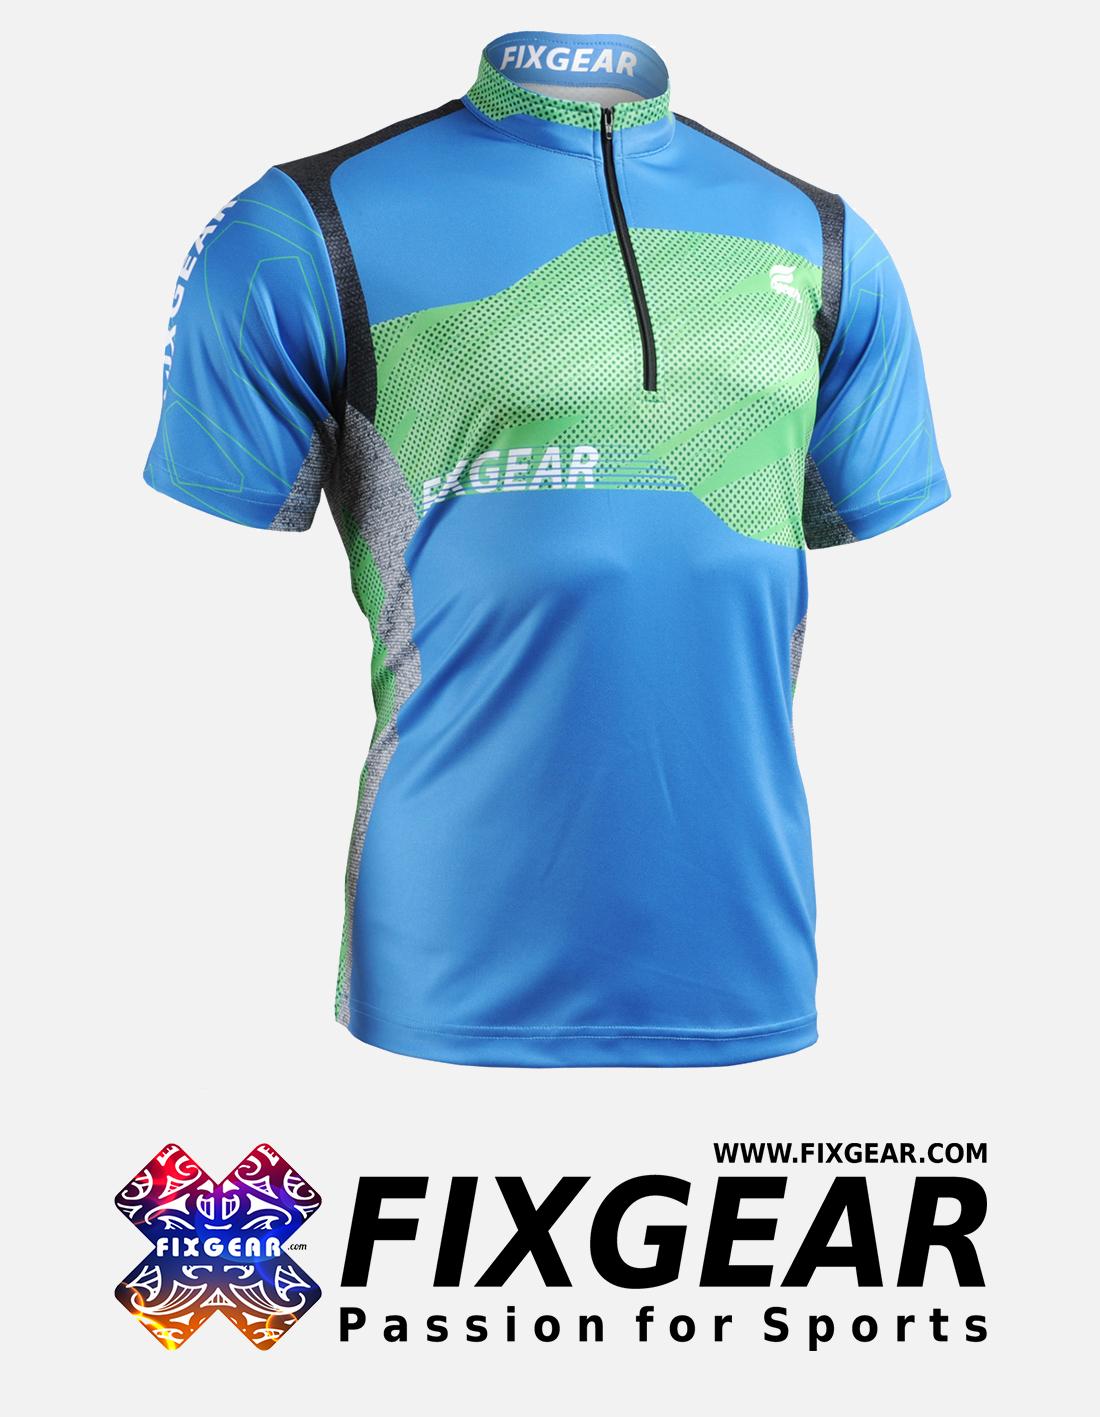 FIXGEAR BM-75B2 Casual Men's short sleeve jersey 1/4 zip-up T-Shirt